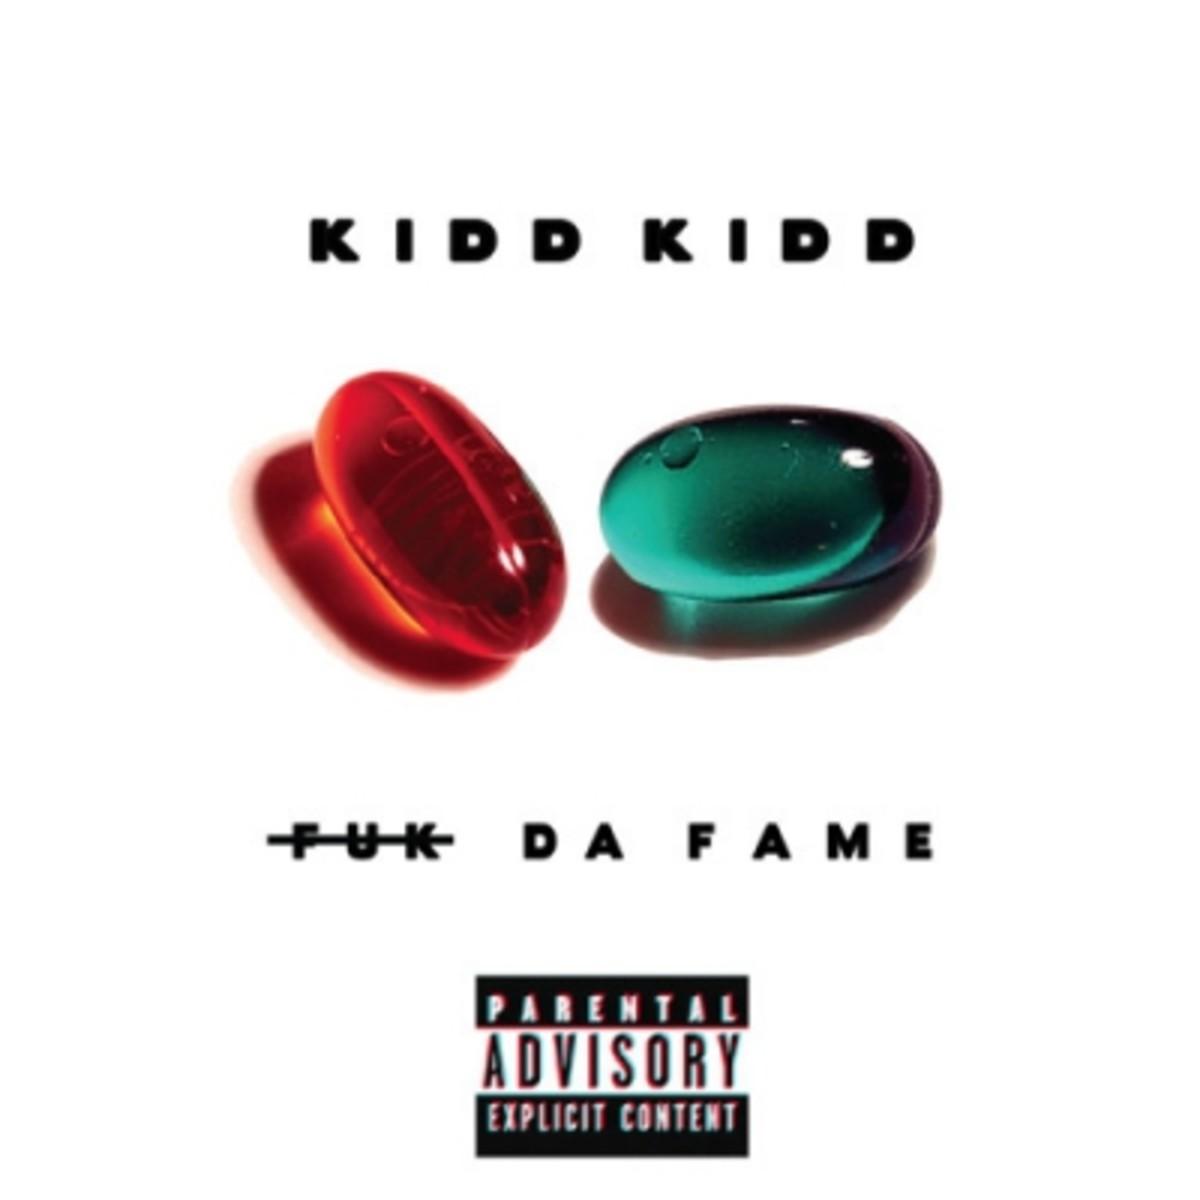 kidd-kidd-fuk-da-fame.jpg